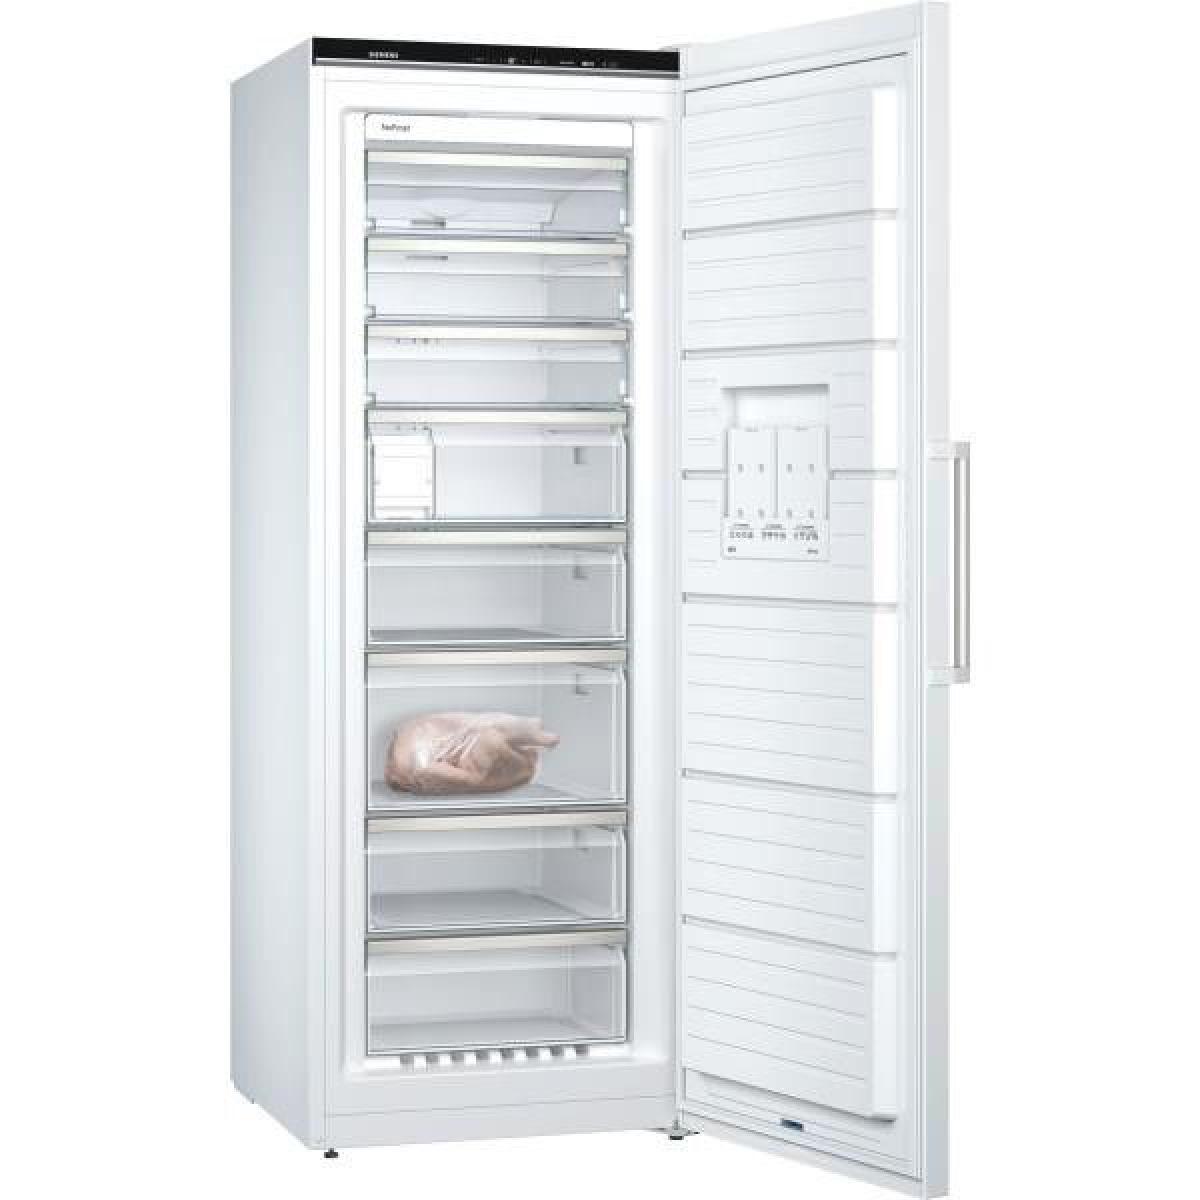 Siemens Congélateur armoire 350L Froid Ventilé SIEMENS 70cm A+++, GS58NAWDV